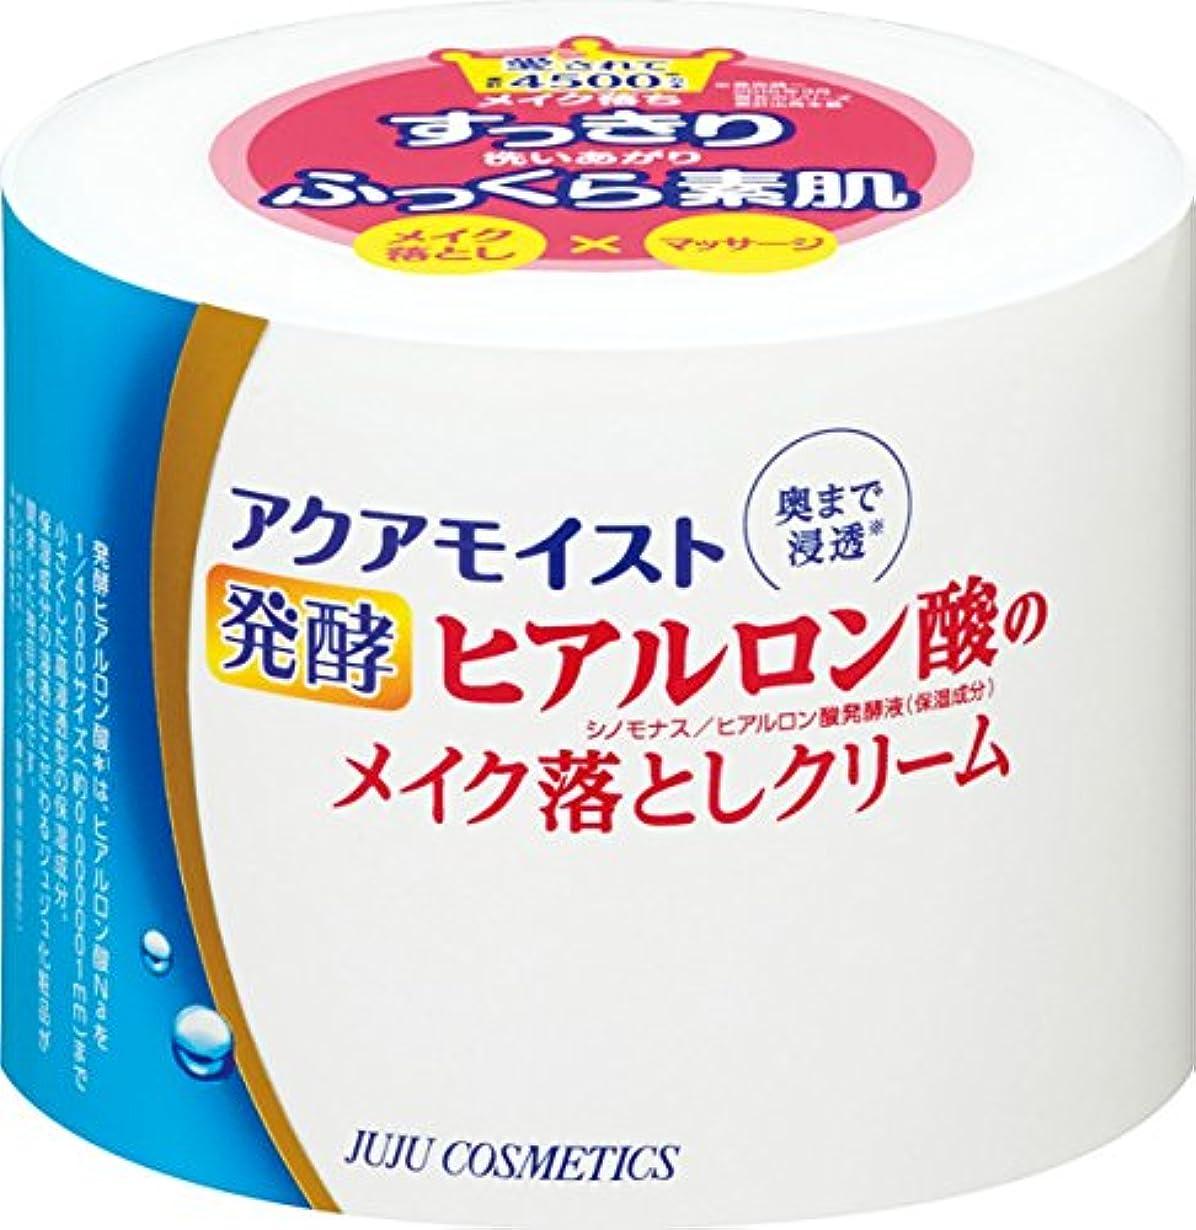 クラシックメンダシティ借りているアクアモイスト 発酵ヒアルロン酸のメイク落としクリーム 160g